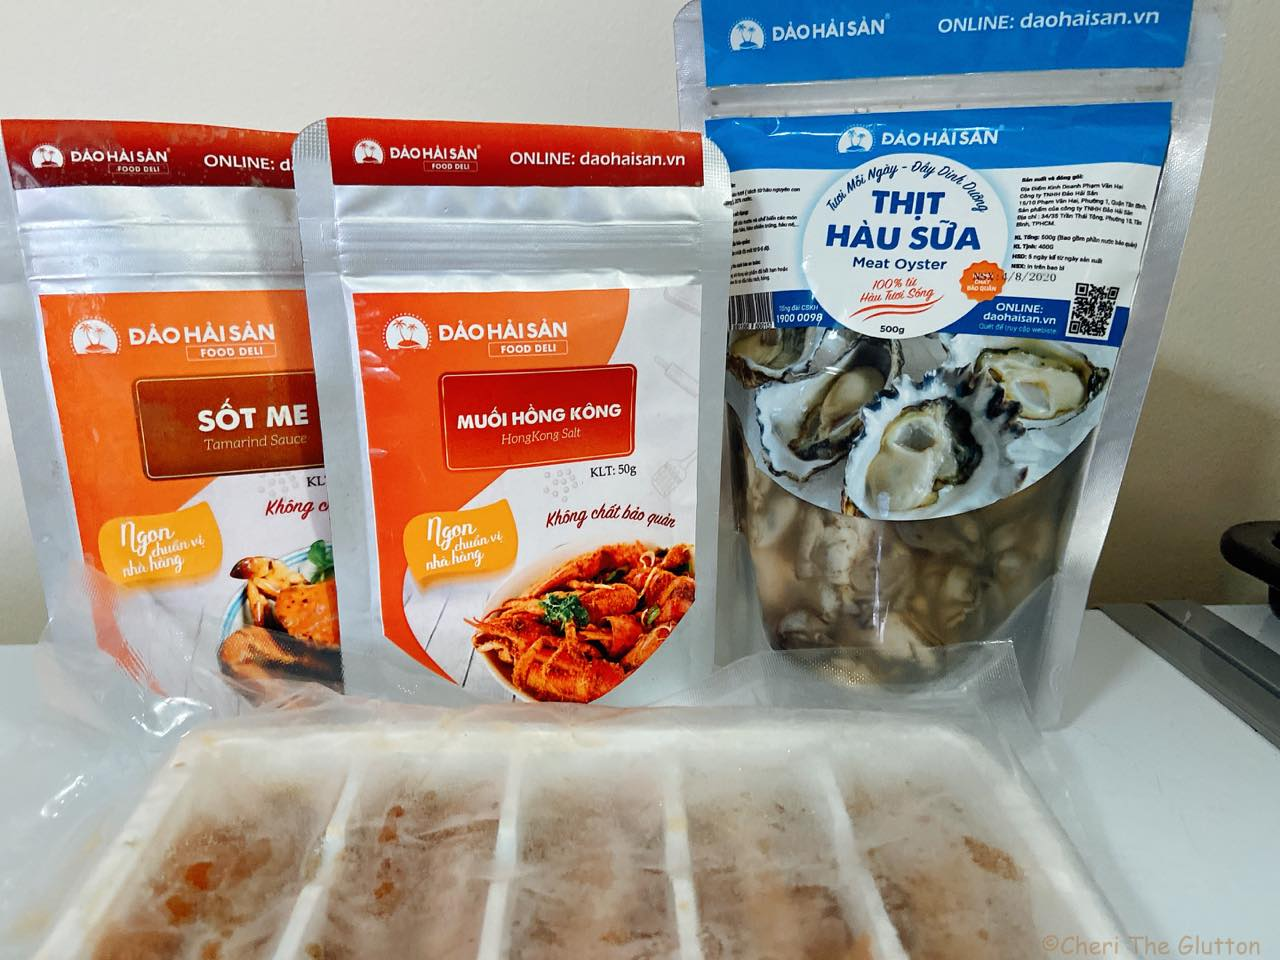 冷凍のウニと調味料、生牡蠣